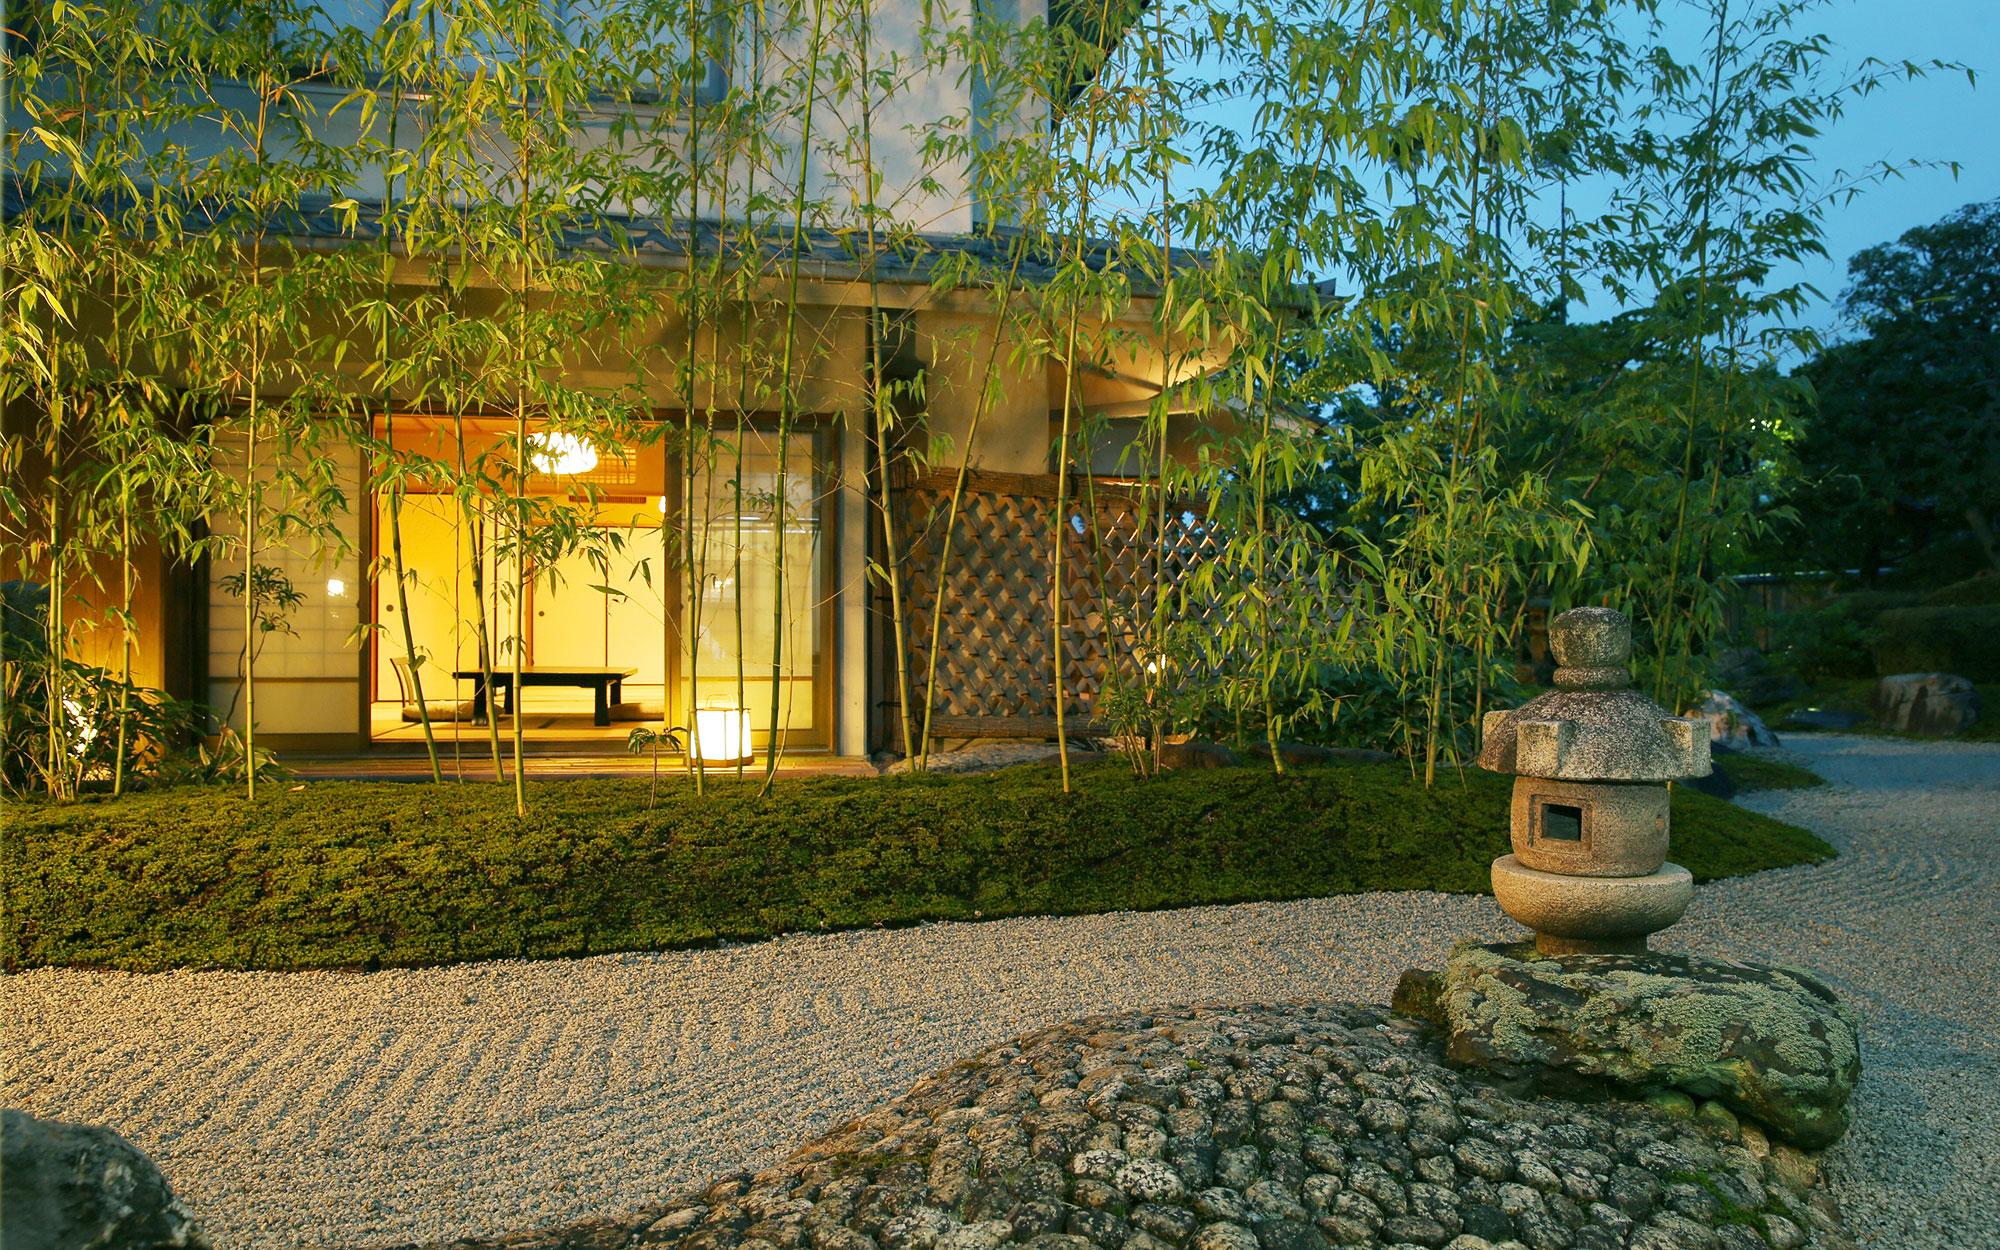 7月 桂月 - 山口県 萩市|世界遺産[萩城下町]唯一の旅館 萩城三の丸 北門屋敷